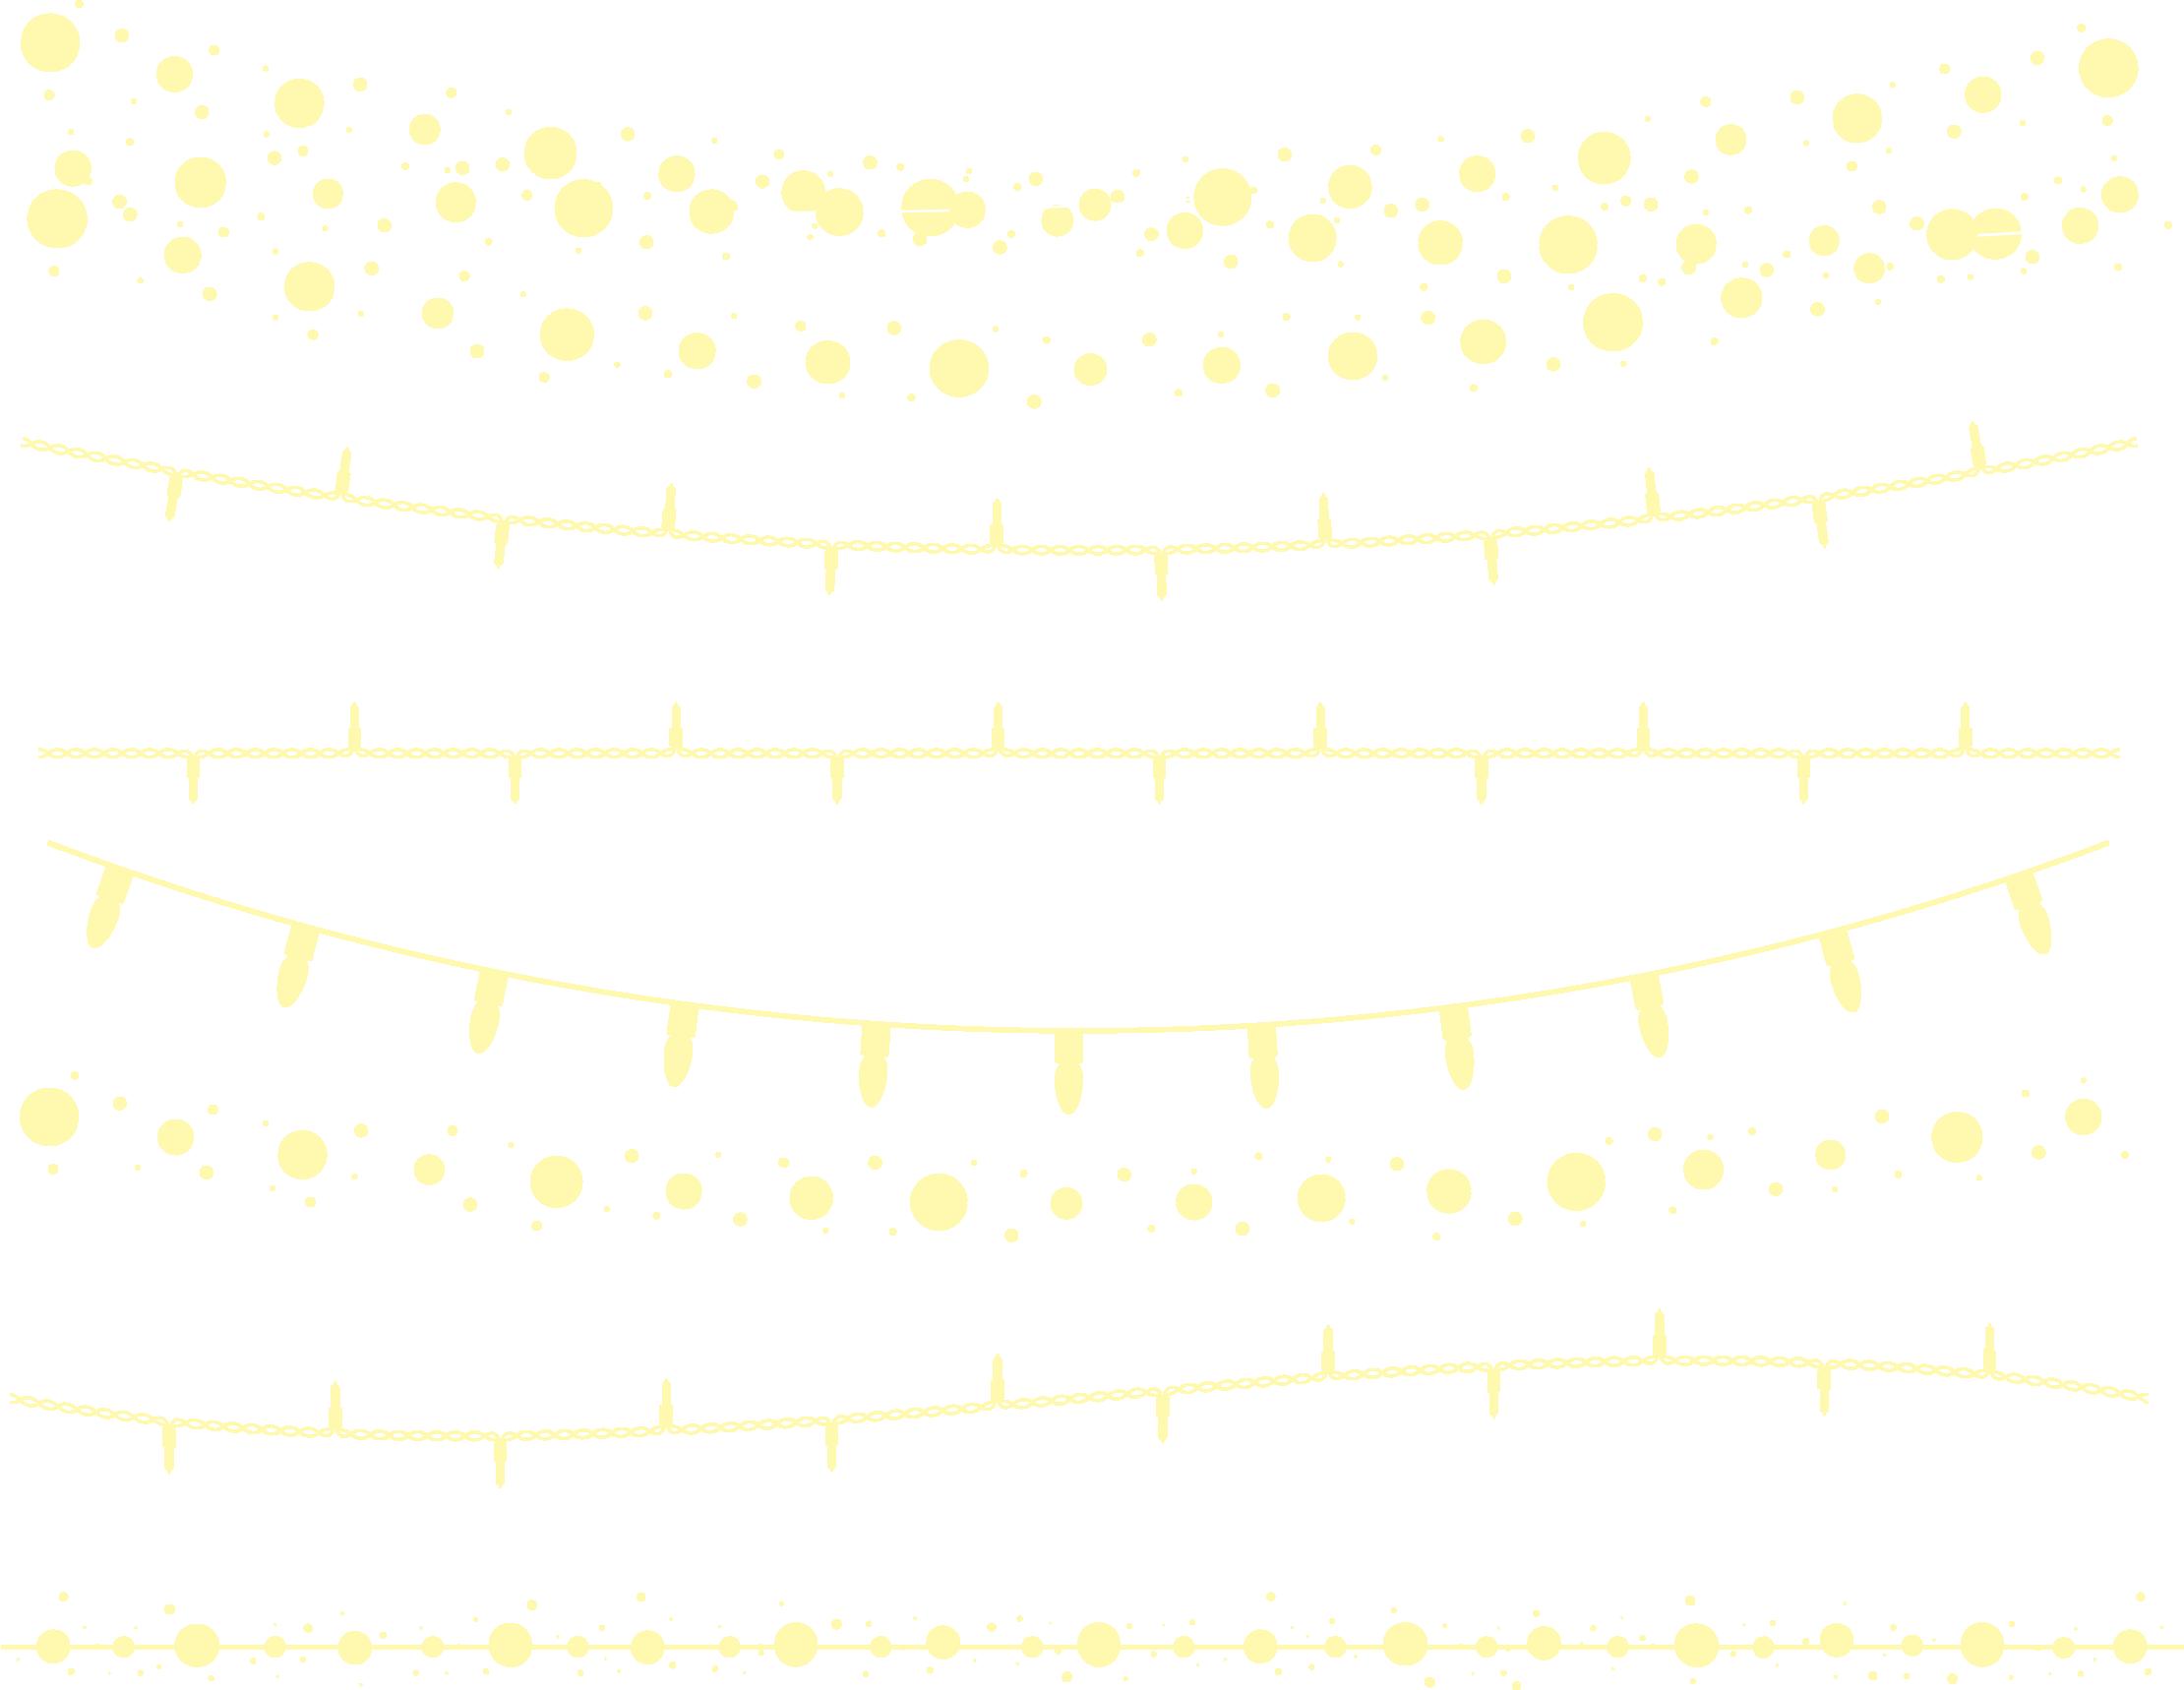 2220x1718 Light Vector